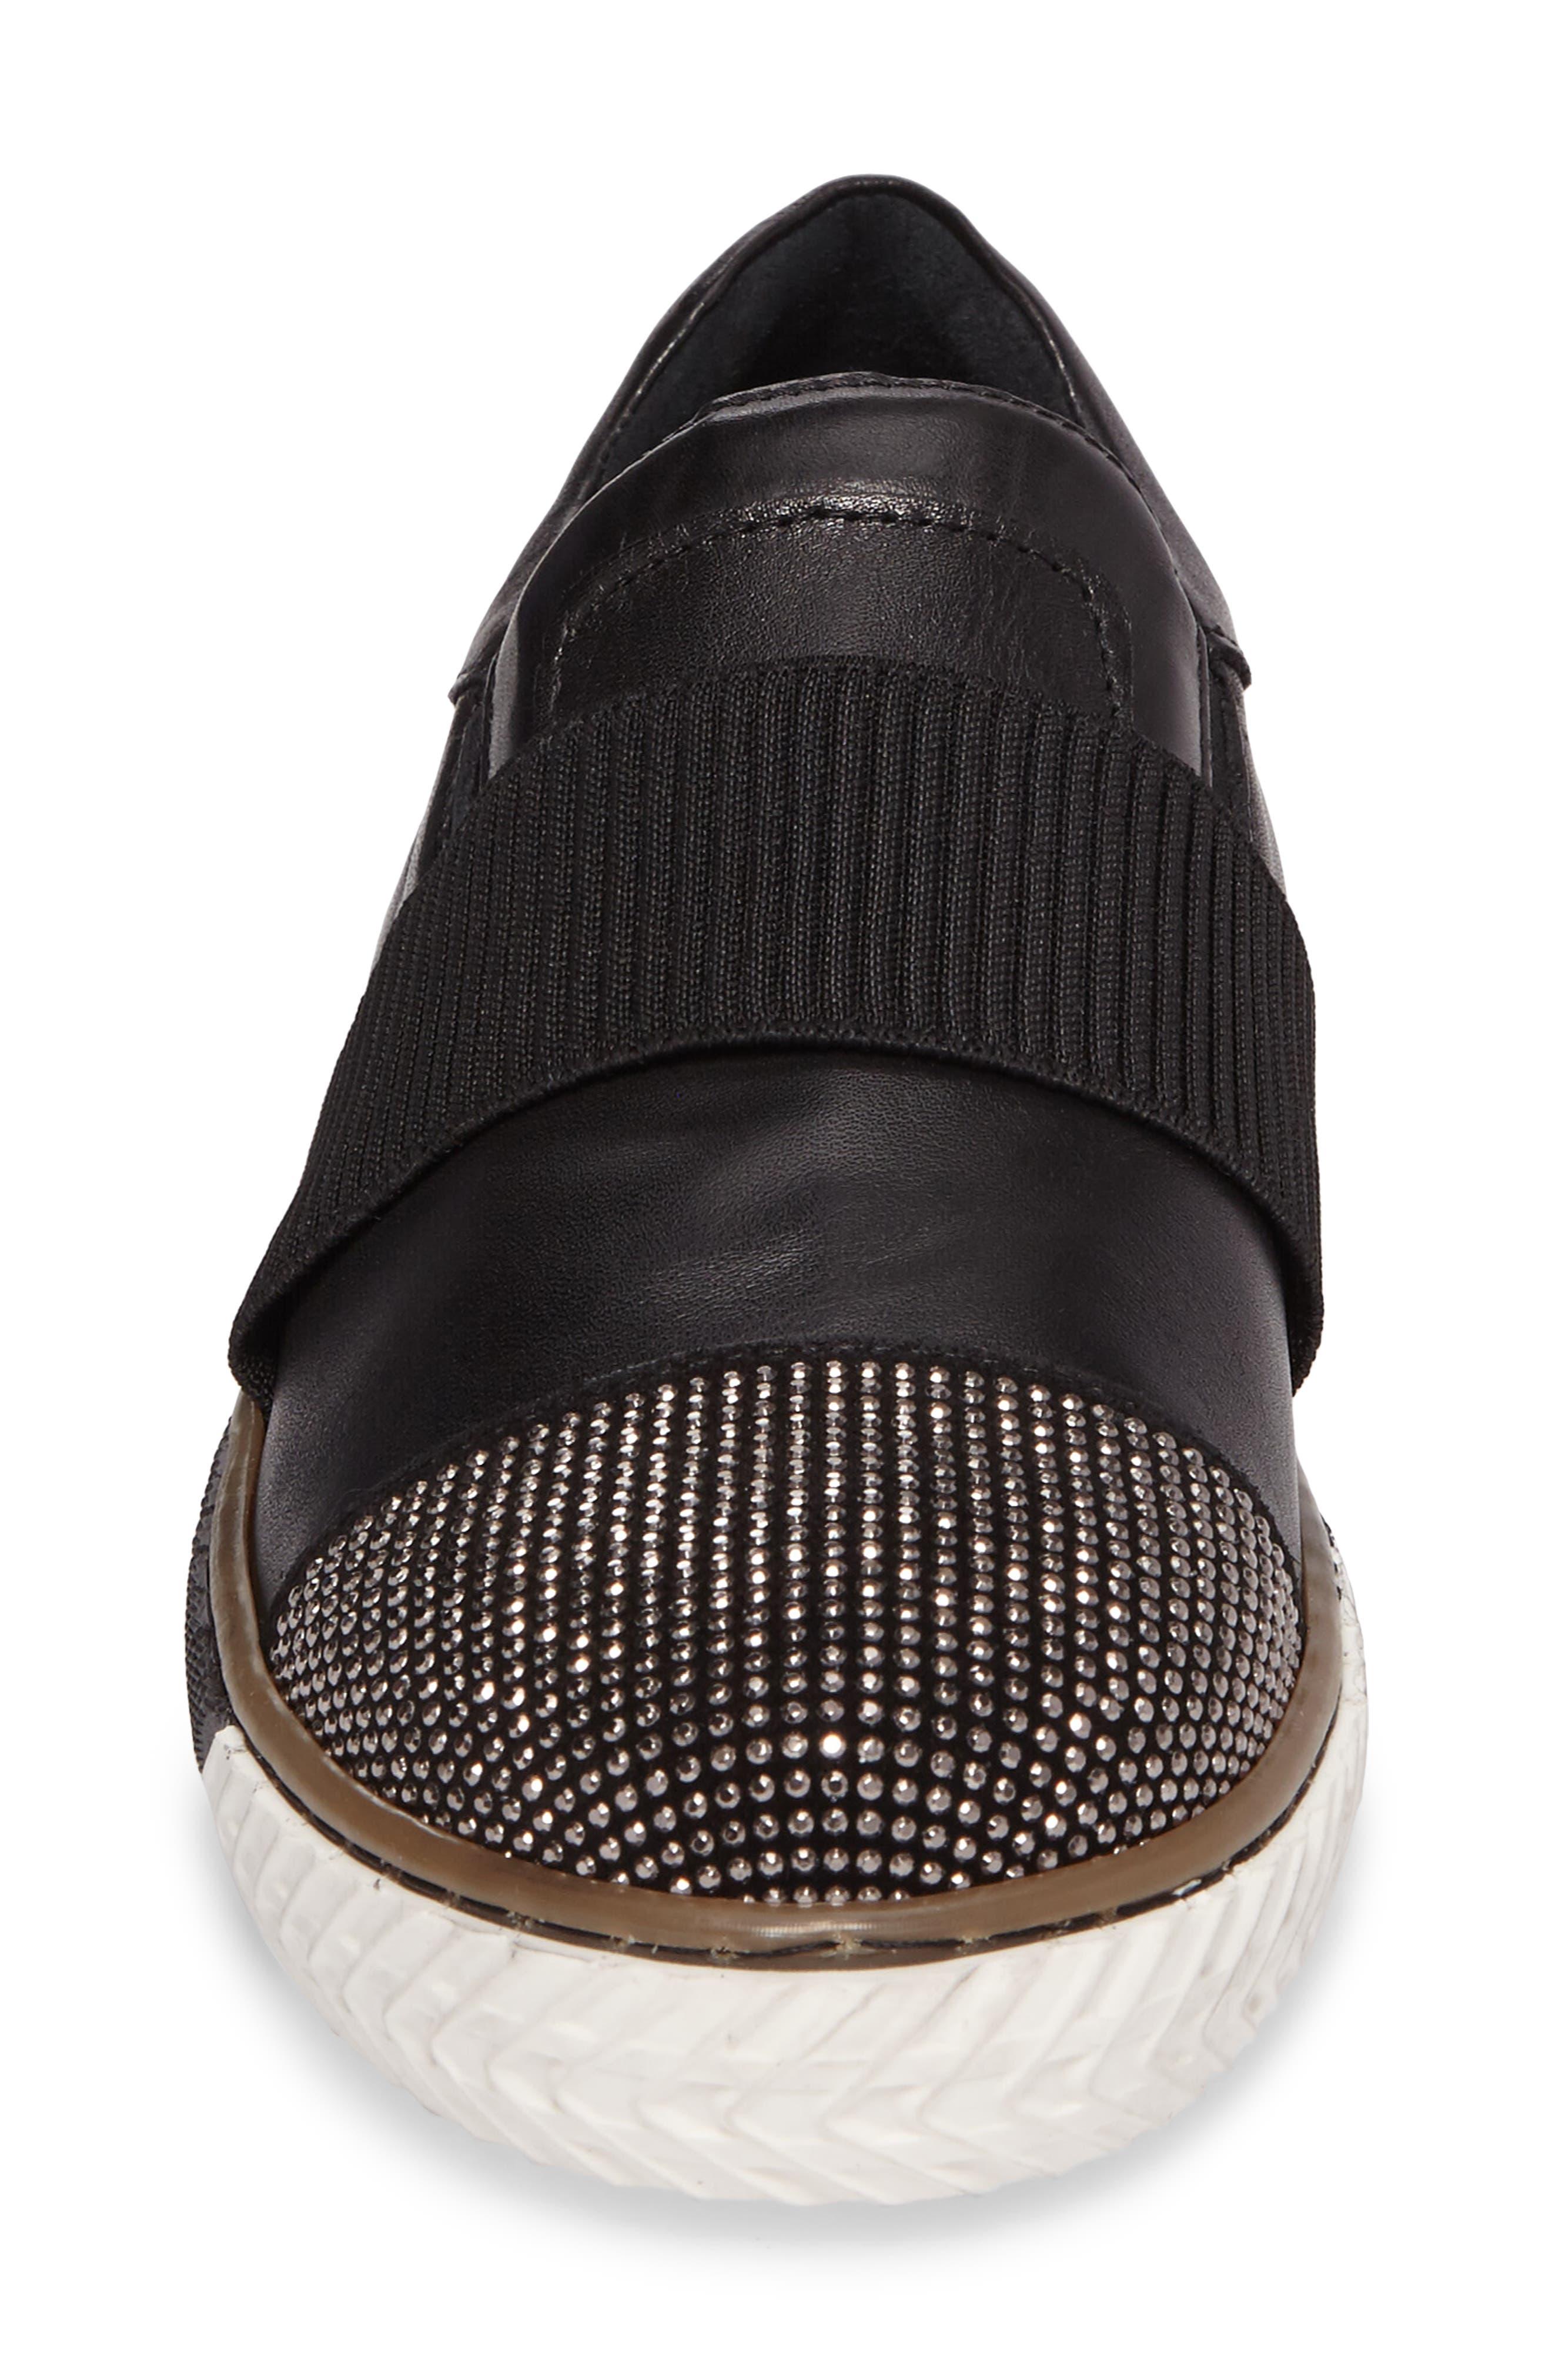 Vibe Slip-On Sneaker,                             Alternate thumbnail 4, color,                             001